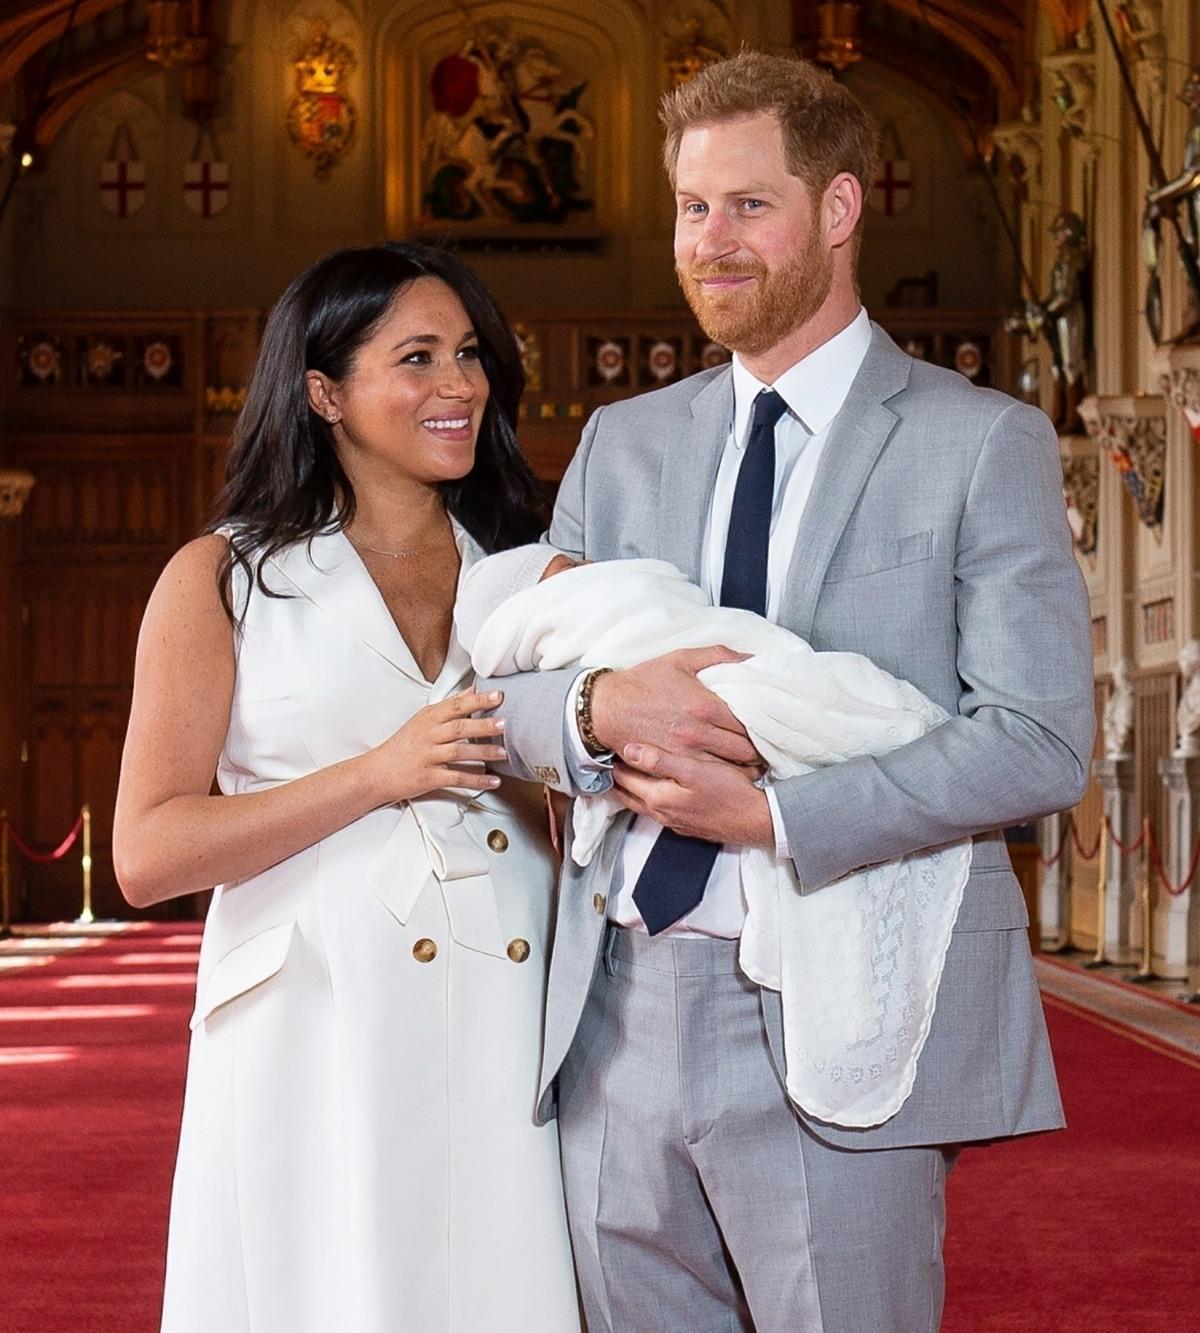 Il principe Harry, il duca di Sussex e Meghan, la duchessa di Sussex, posano con il loro figlio appena nato